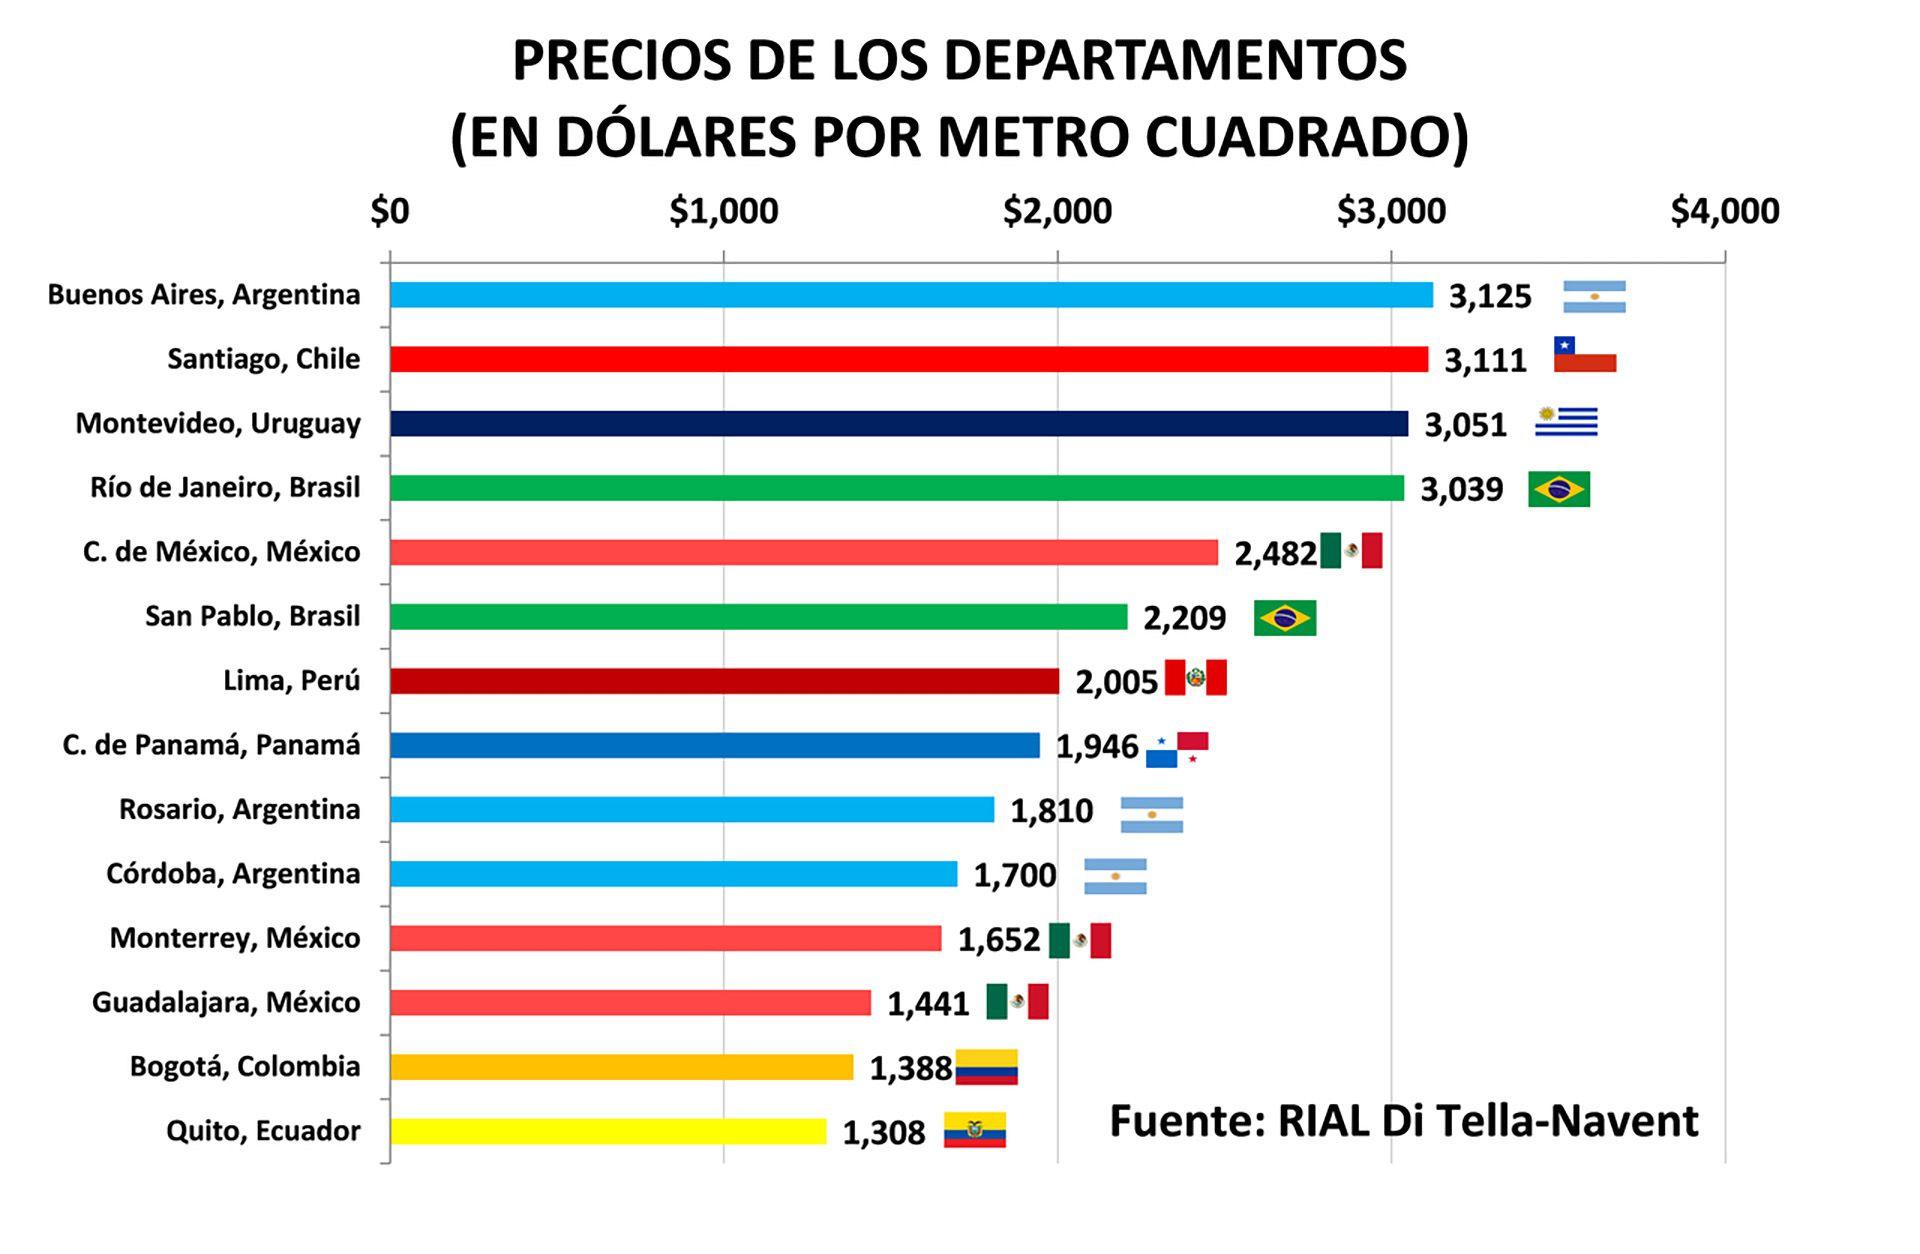 Buenos Aires se mantiene al frente como la ciudad con el metro cuadrado más caro de América latina (USD 3.125)